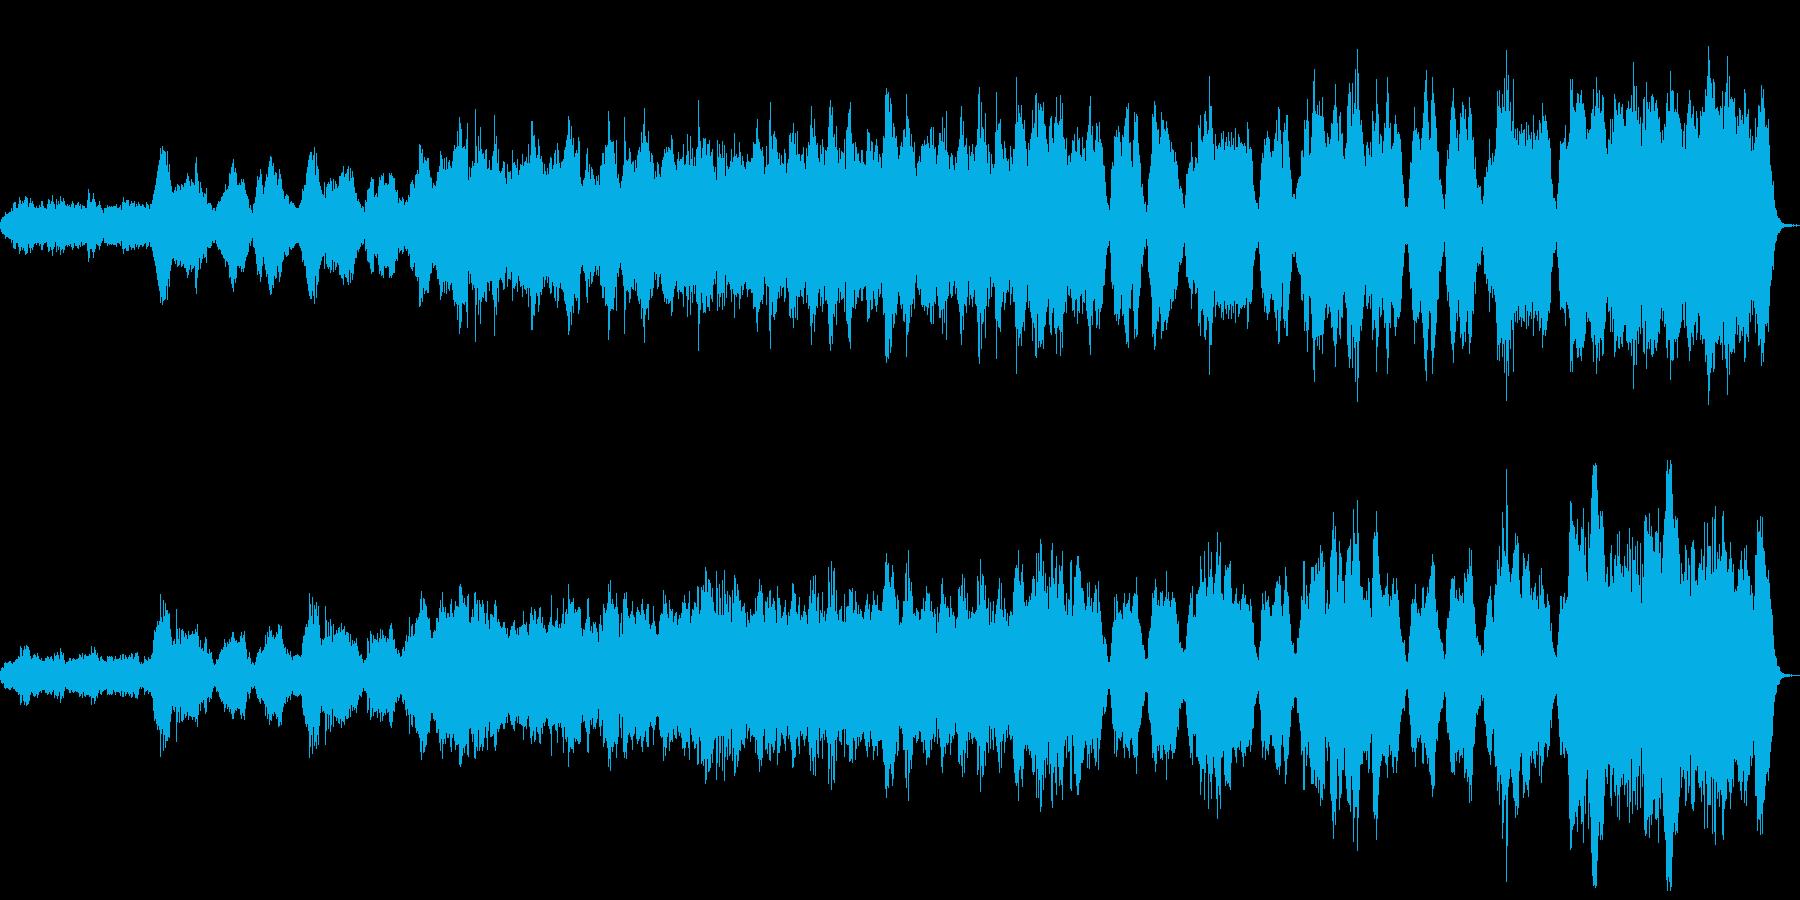 バイオリンソロとハープのオリジナル曲の再生済みの波形